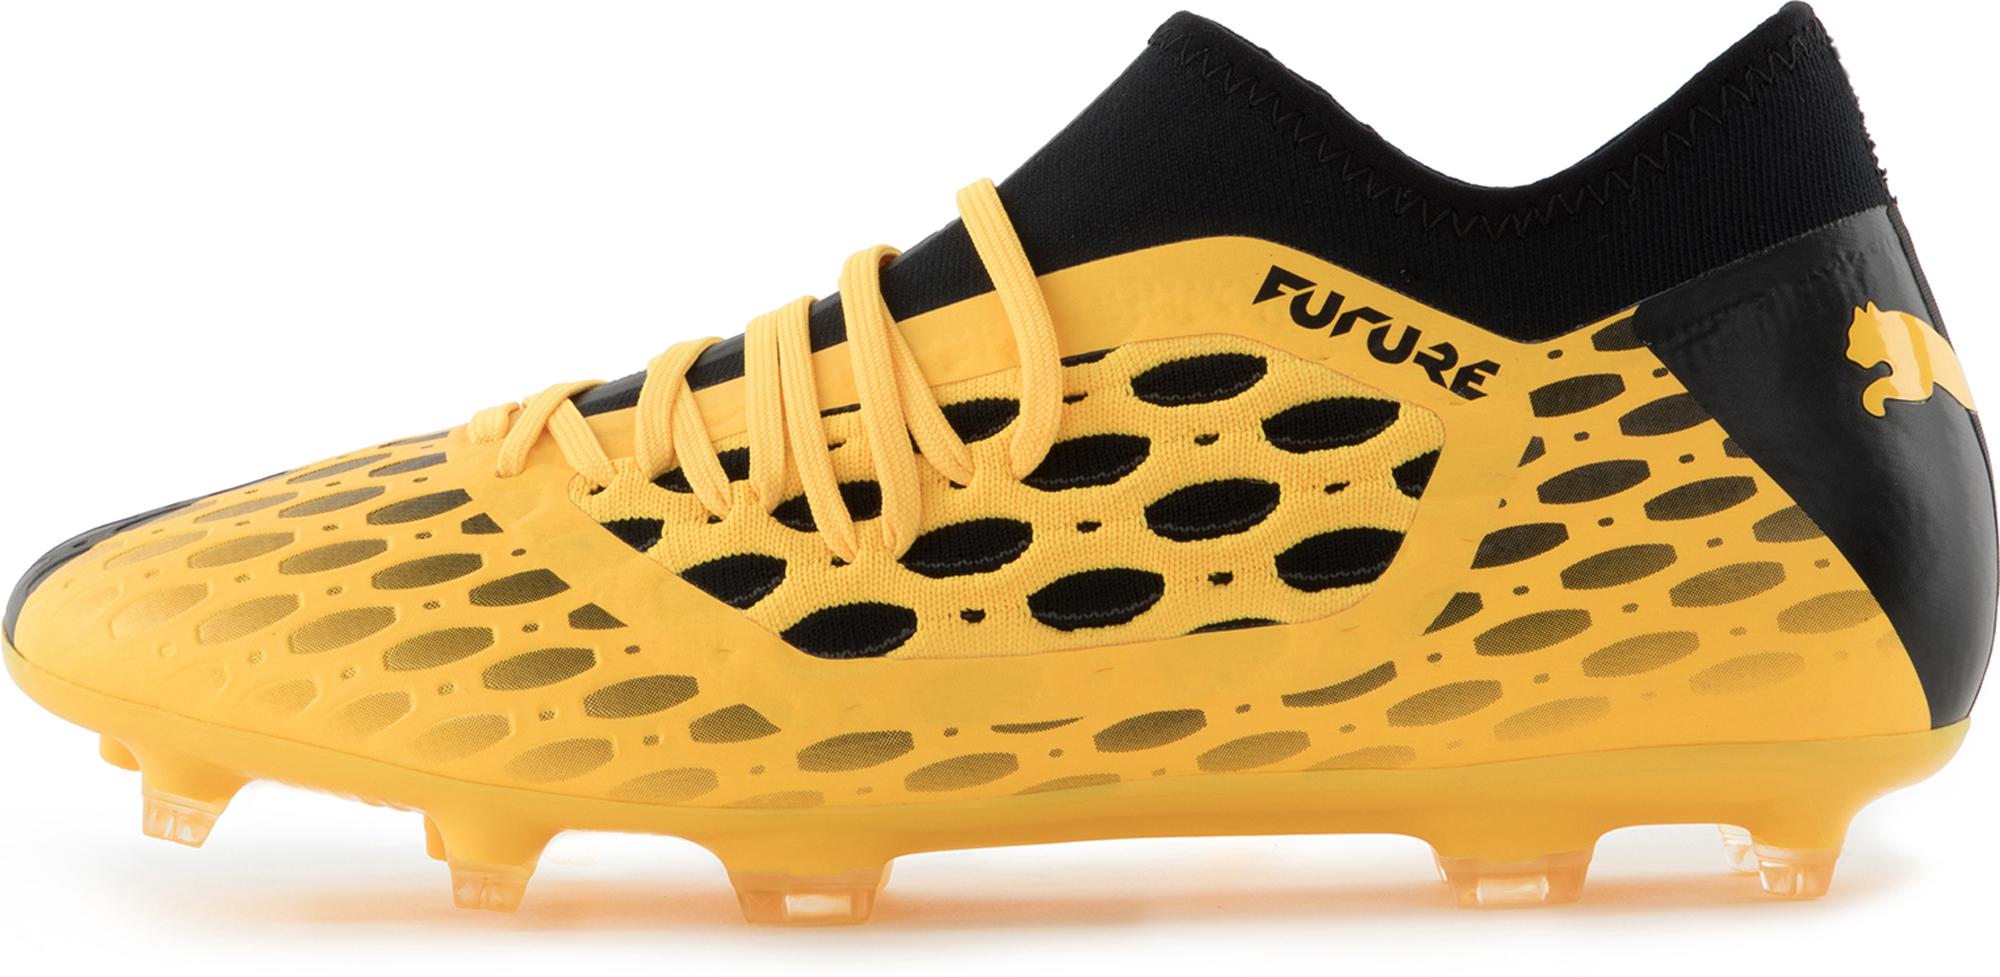 Puma Бутсы мужские Puma Future 5.3 Netfit, размер 42 бутсы puma evospeed sl fg 10323505